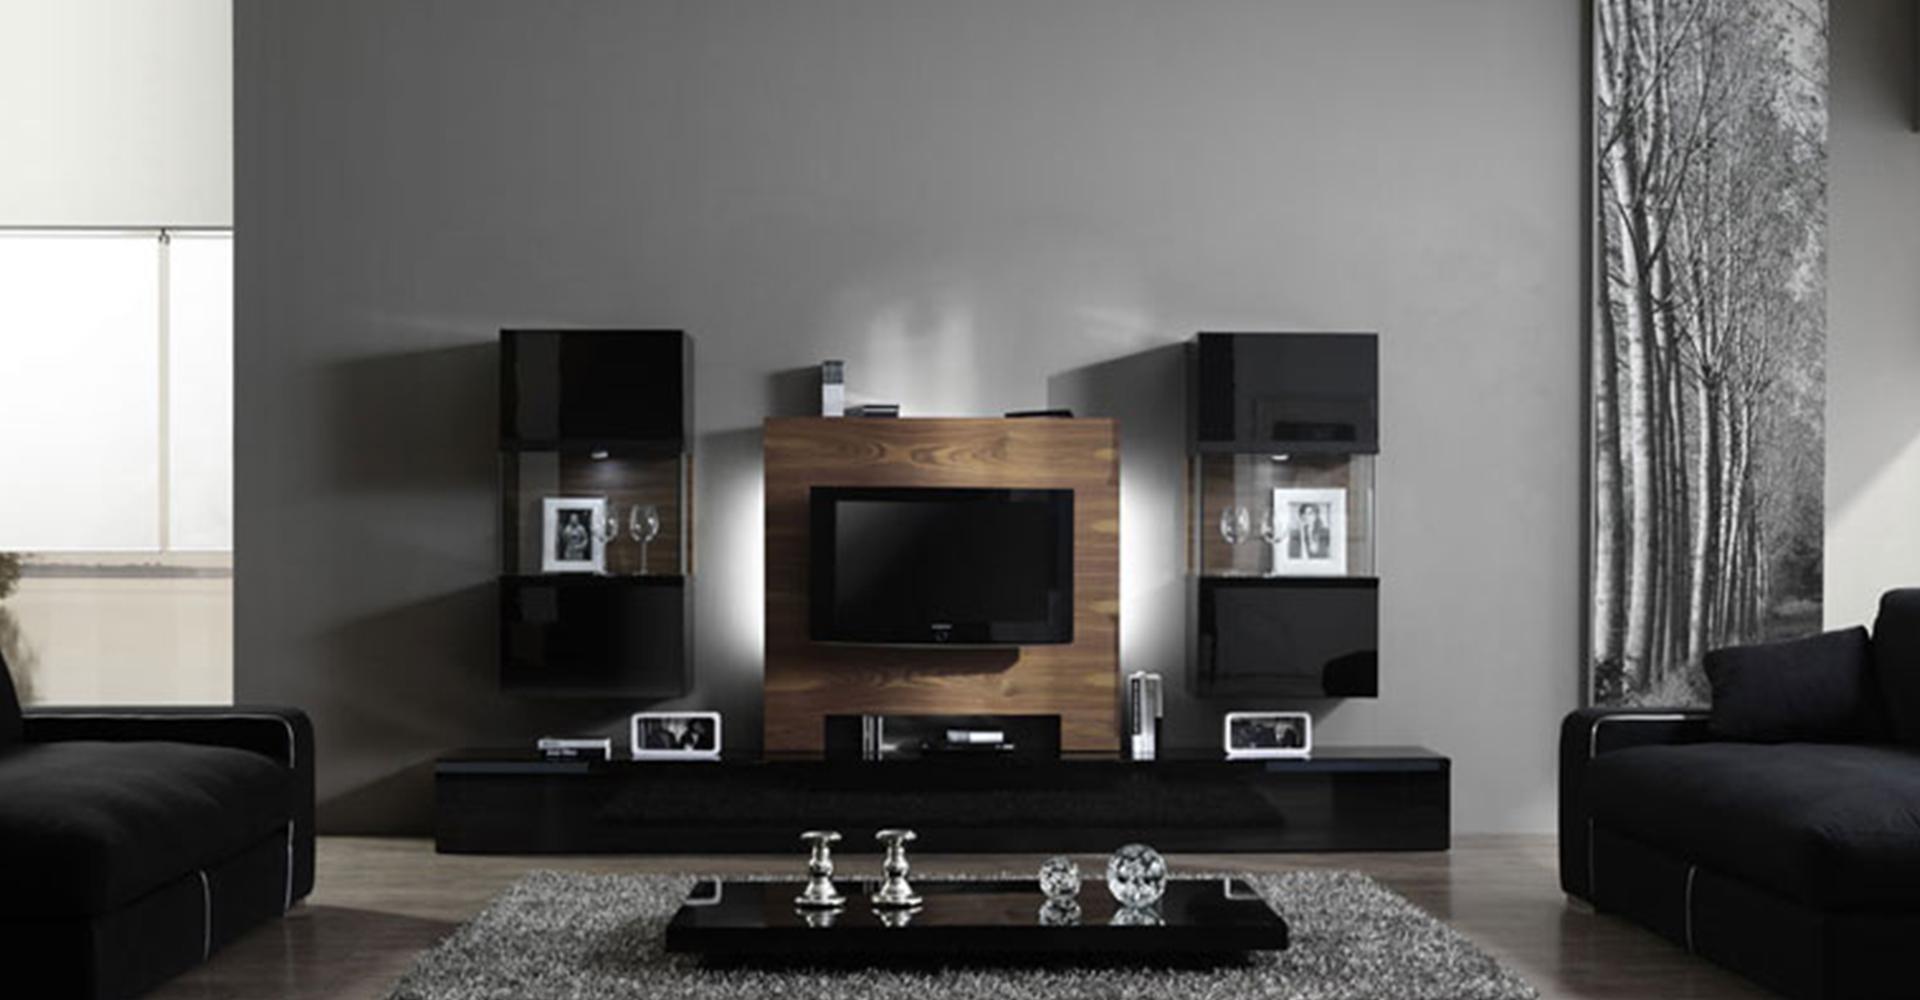 modulares de salon de estilo moderno (62)